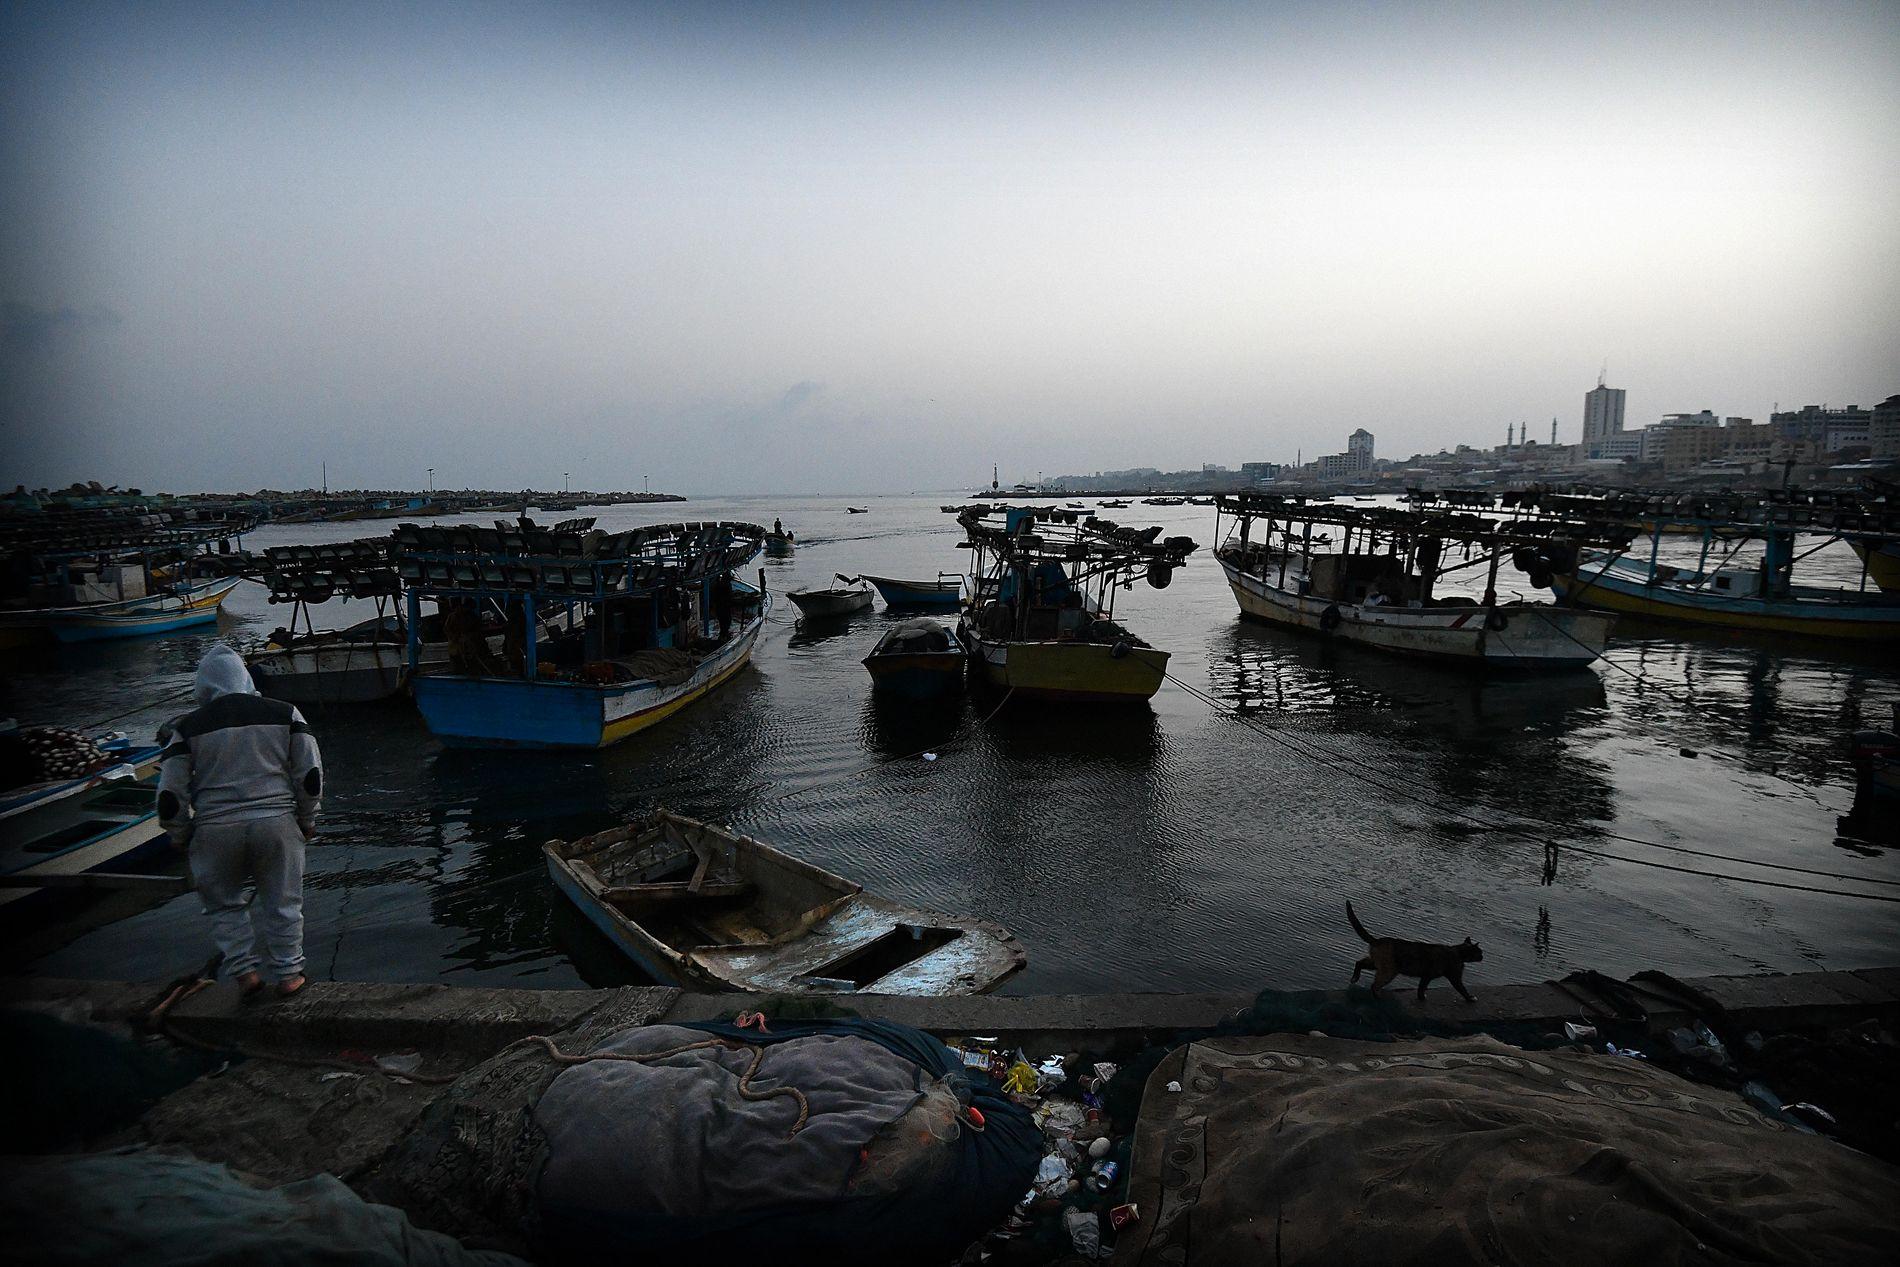 ET HAV UTEN MULIGHETER: Mange av fiskebåtene på havnen i Gaza by har ligget fortøyd gjennom natten. Fisket er så dårlig at det knapt er verdt strevet og utgiftene.